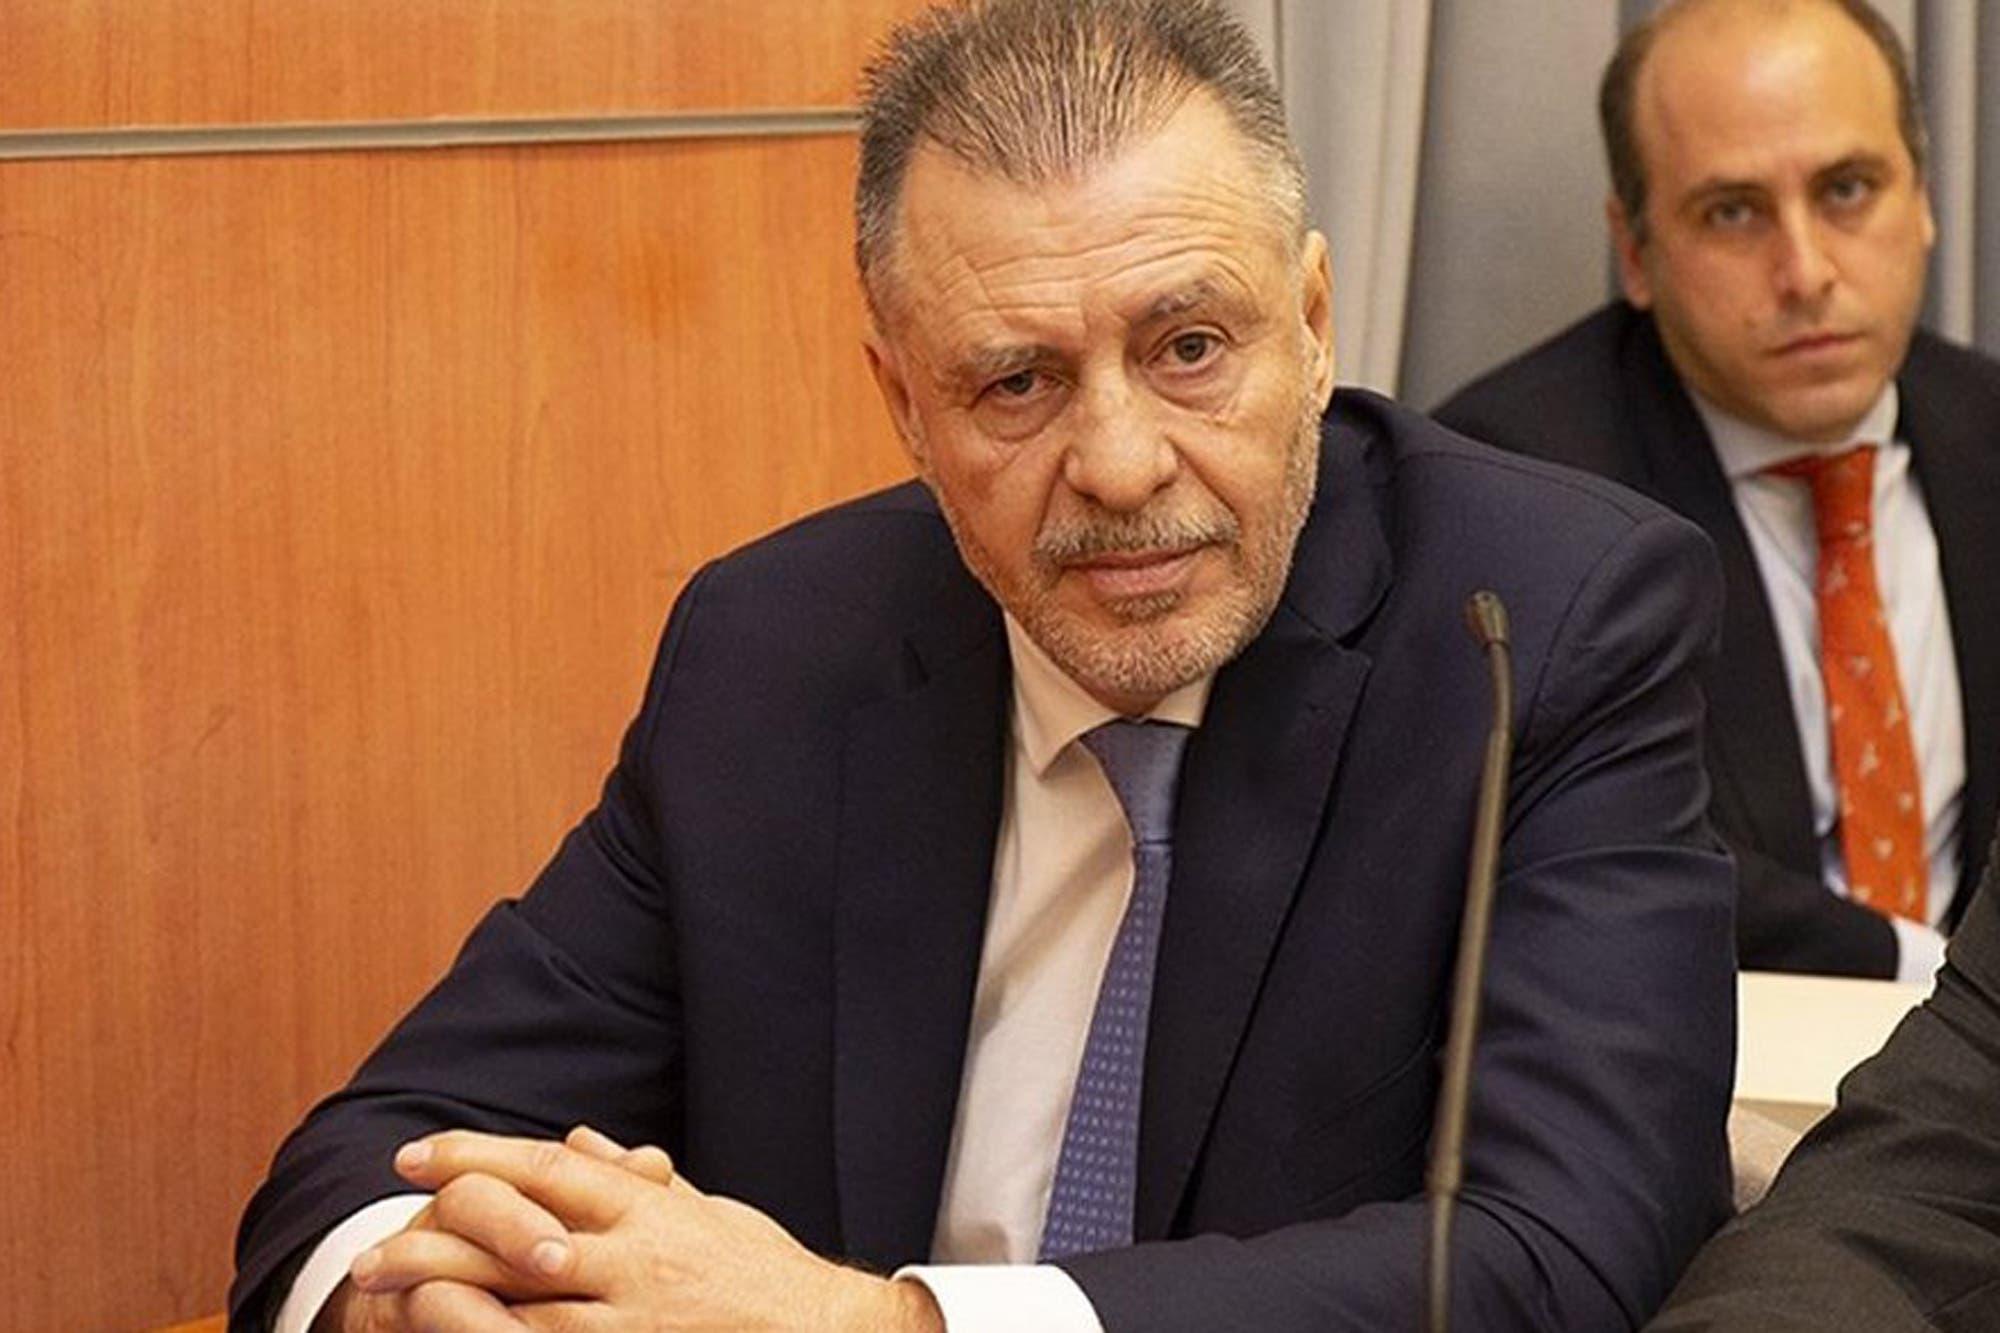 Buscan impedir que Cristóbal López recupere una obra pública sospechada